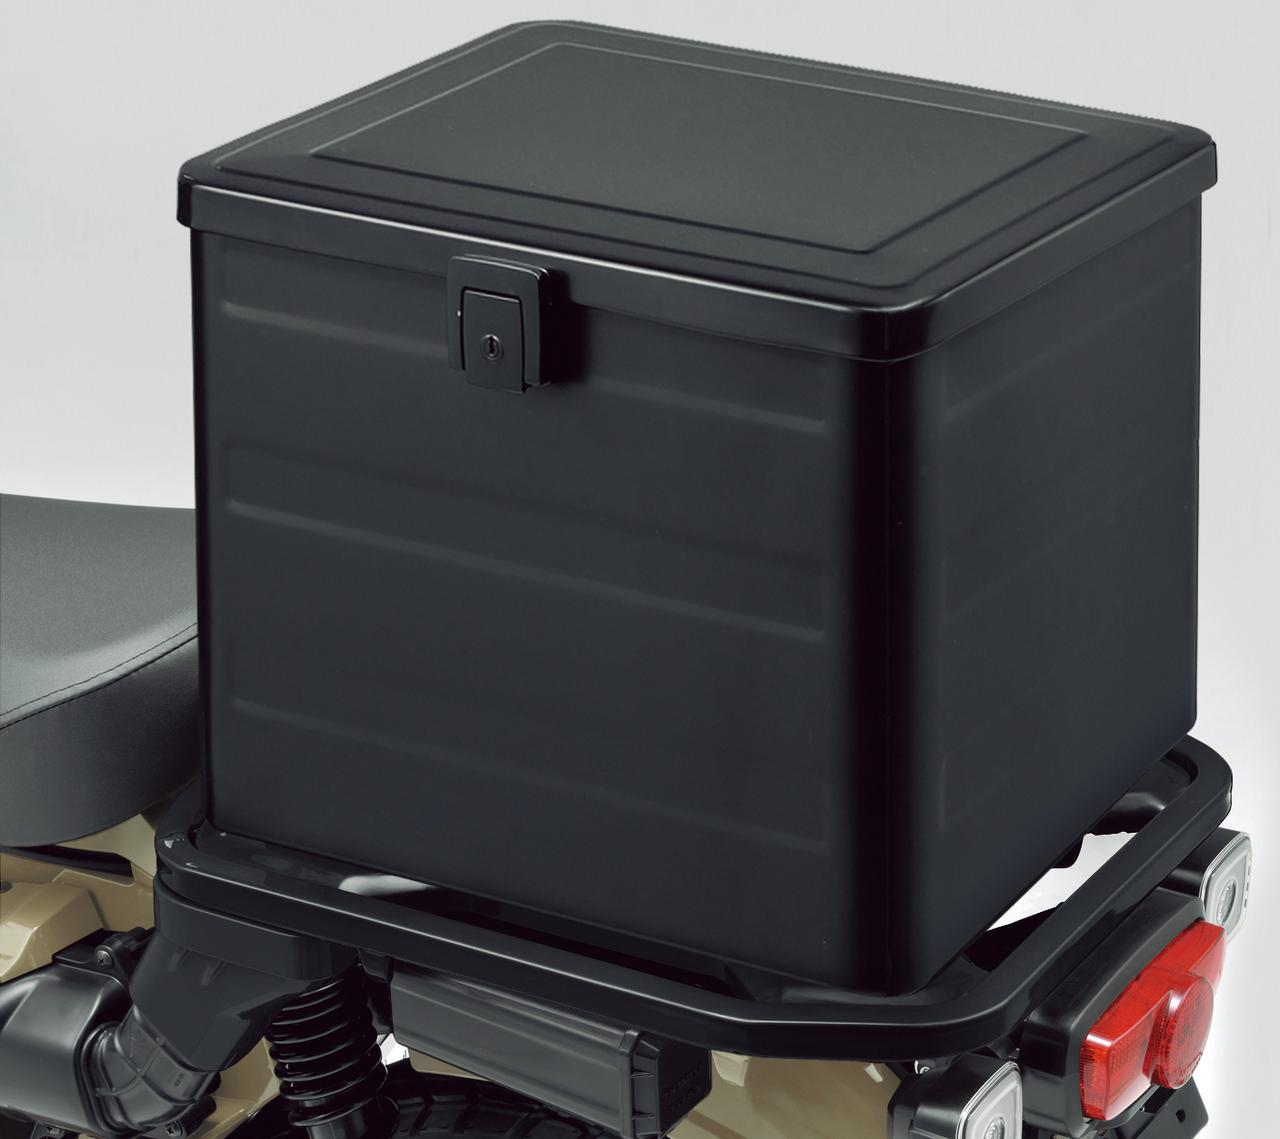 画像: ラゲージボックス(容量約39L)/ホンダ 税込9900円